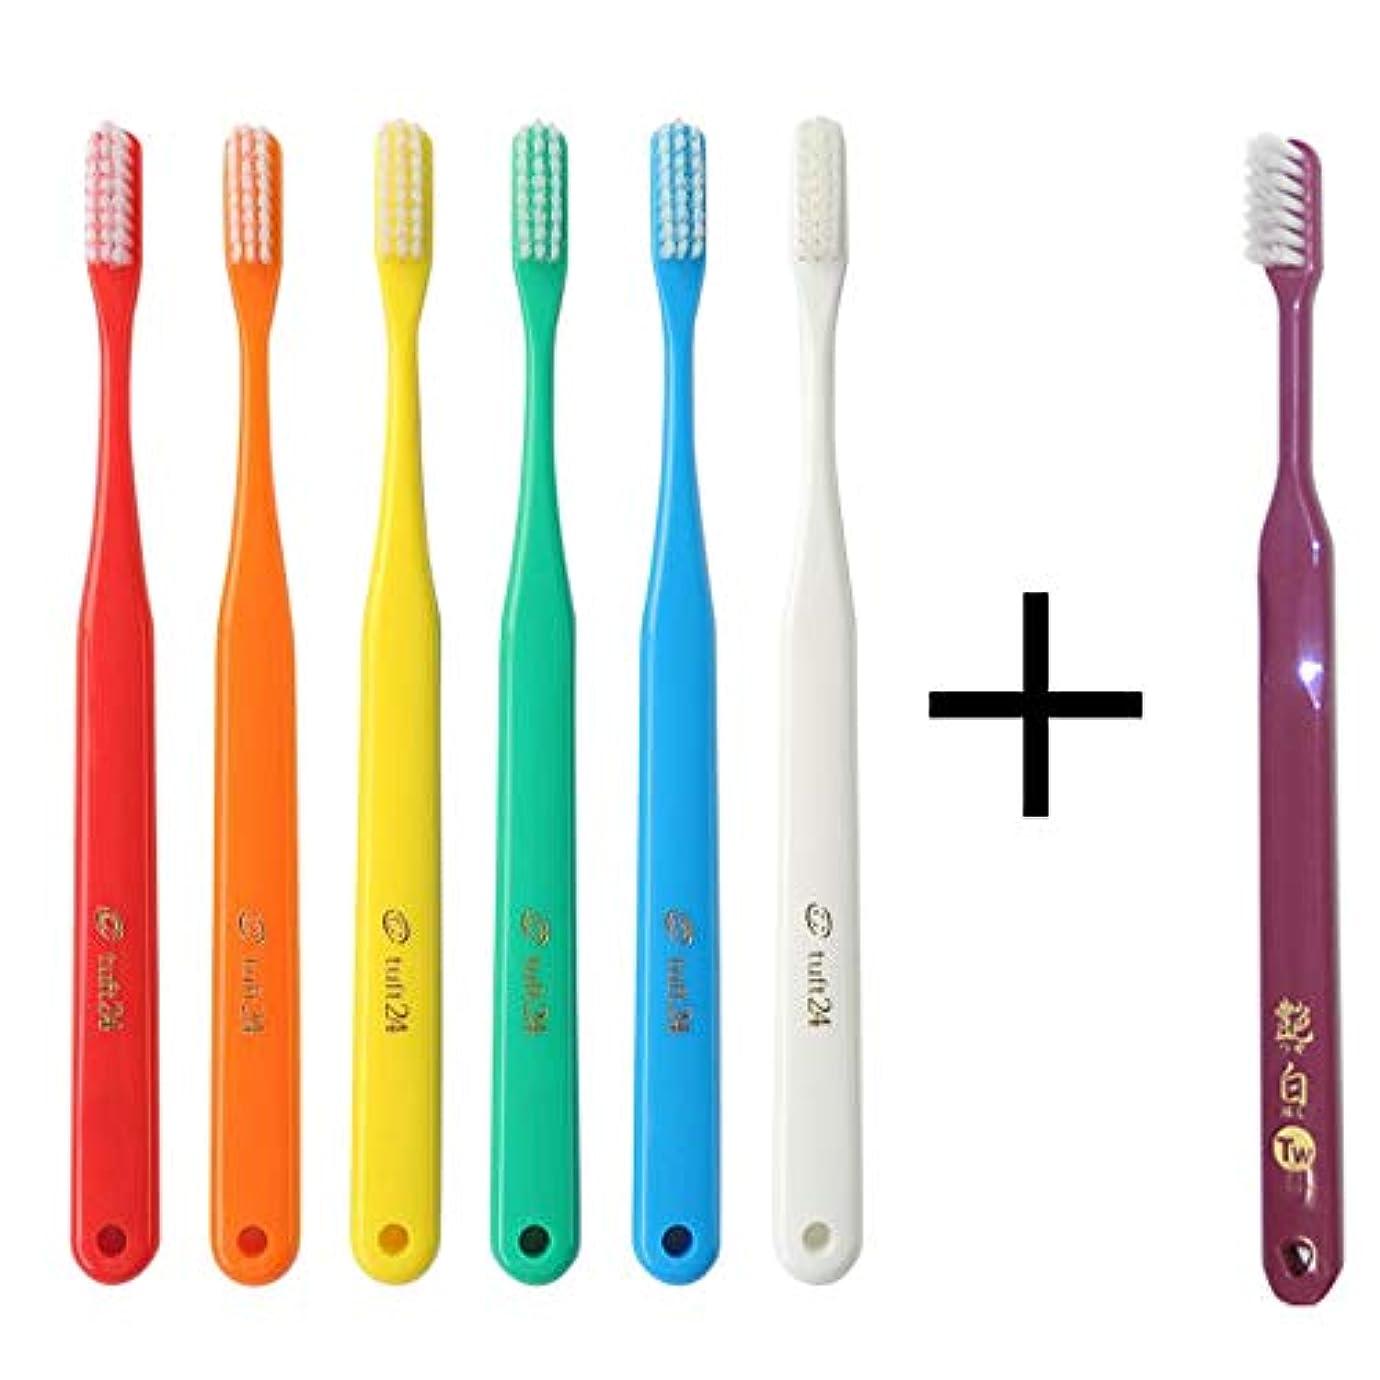 比類のない満員手当キャップなし タフト24 歯ブラシ × 25本入 S (アソート) + 艶白 歯ブラシ (日本製) ×1本 MS(やややわらかめ) 大人用歯ブラシ 歯科医院取扱品